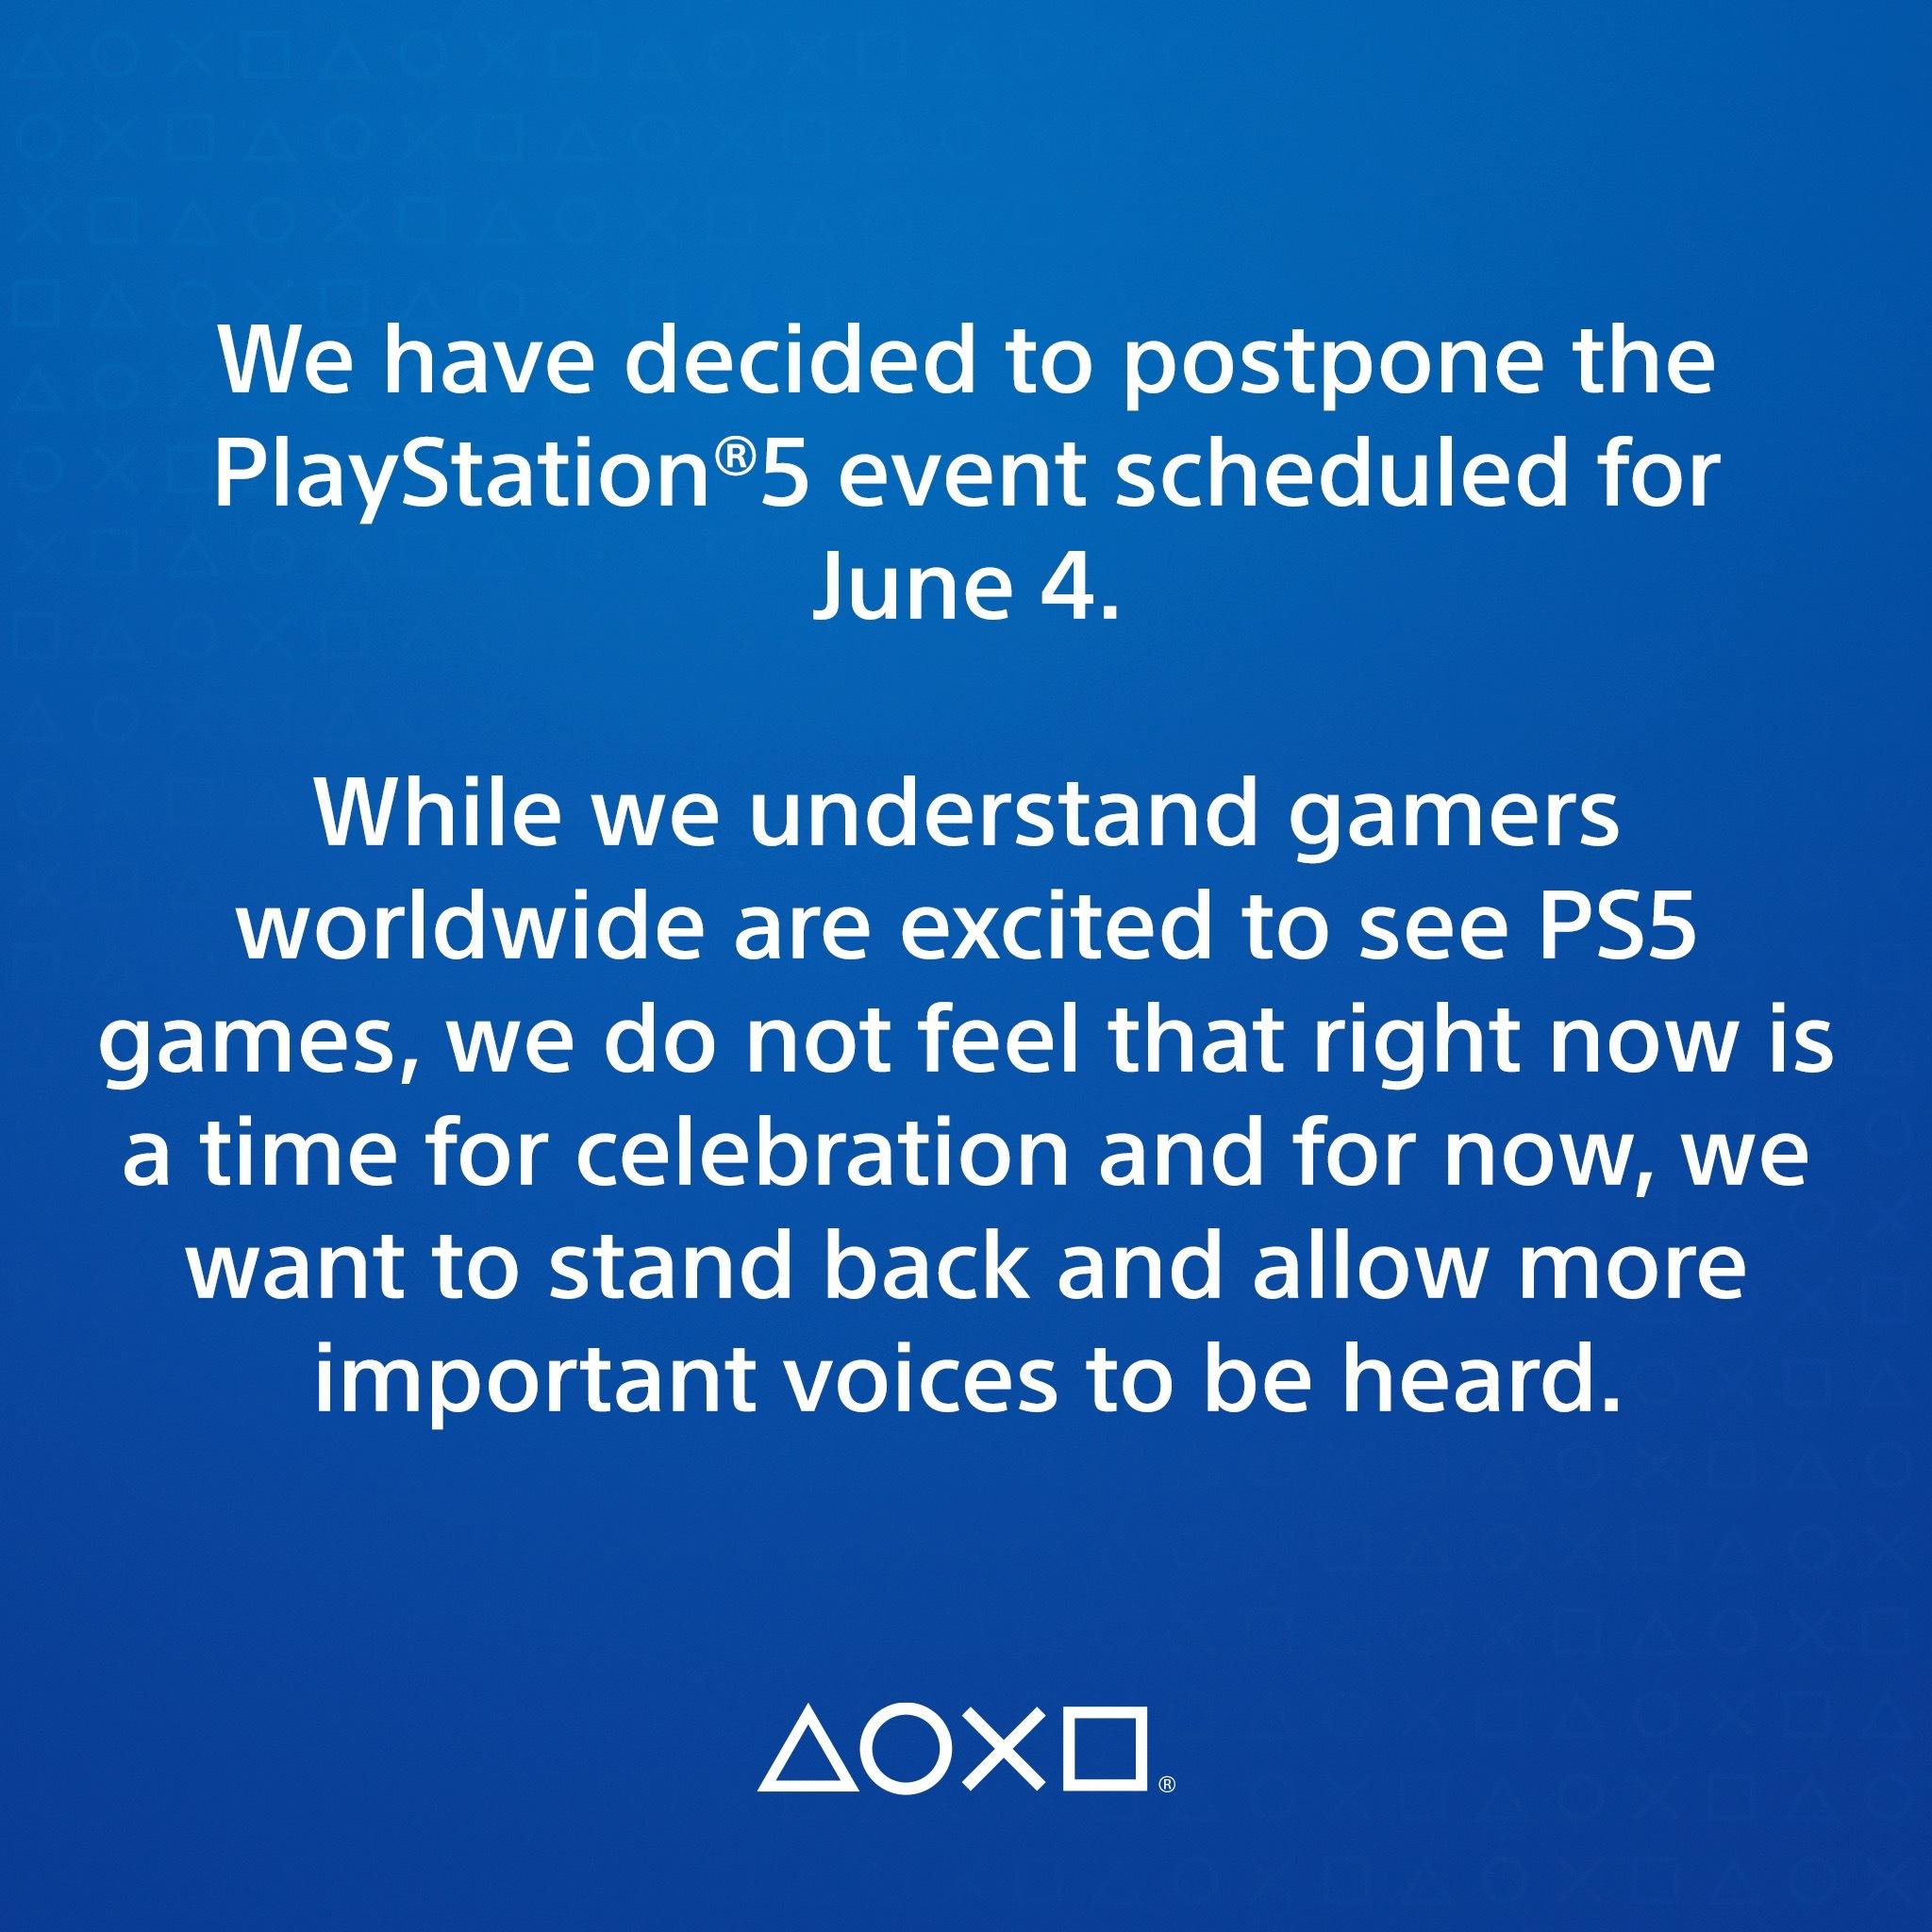 (更新2:6月12日发布)索尼PS5确定6月4日发布,同时公布首发游戏阵容! 3